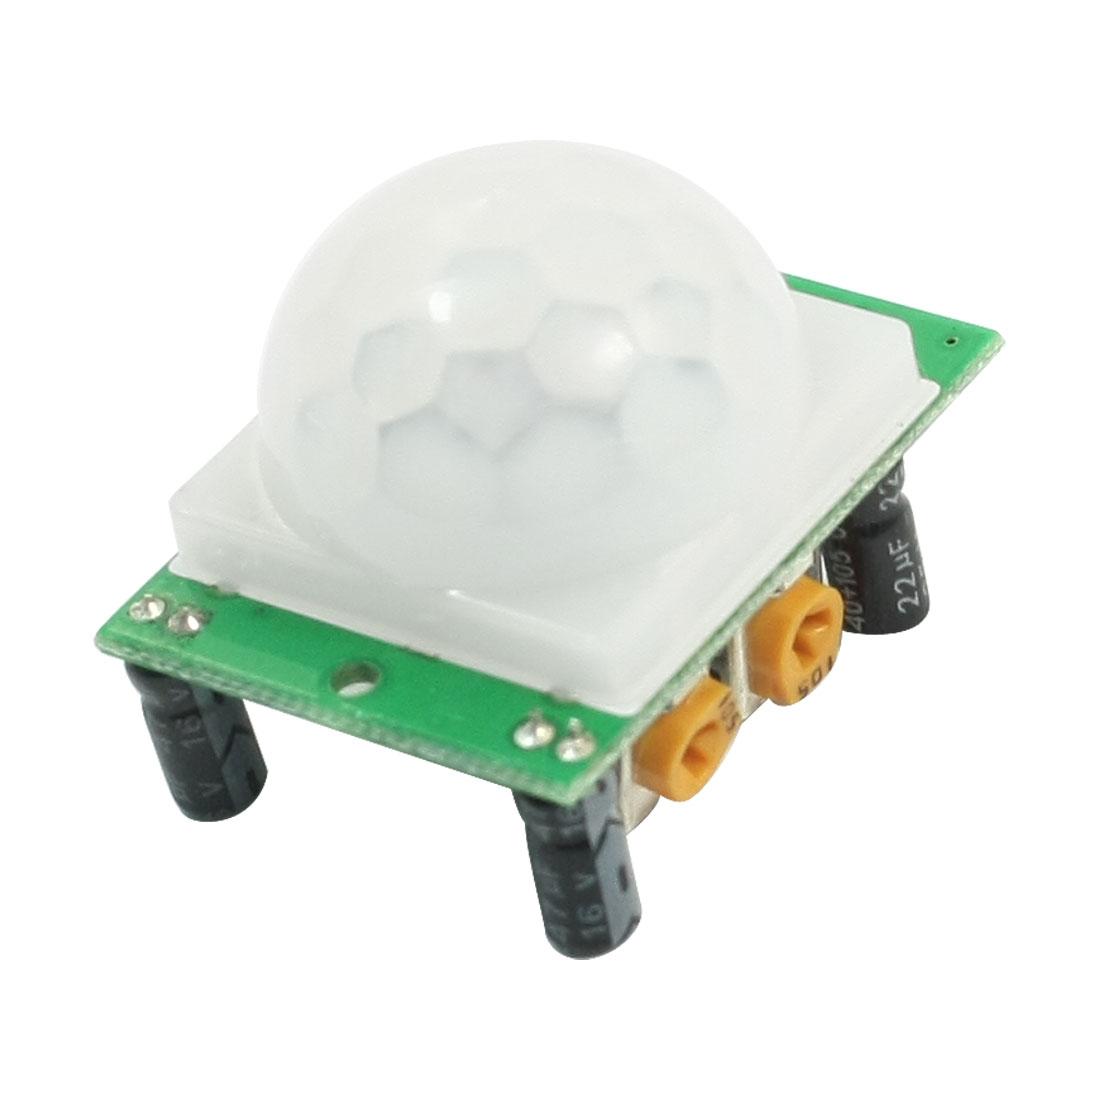 DC 5-20V HC-SR501 PIR Human Body/Motion Pyroelectric Infrared Sensor Module